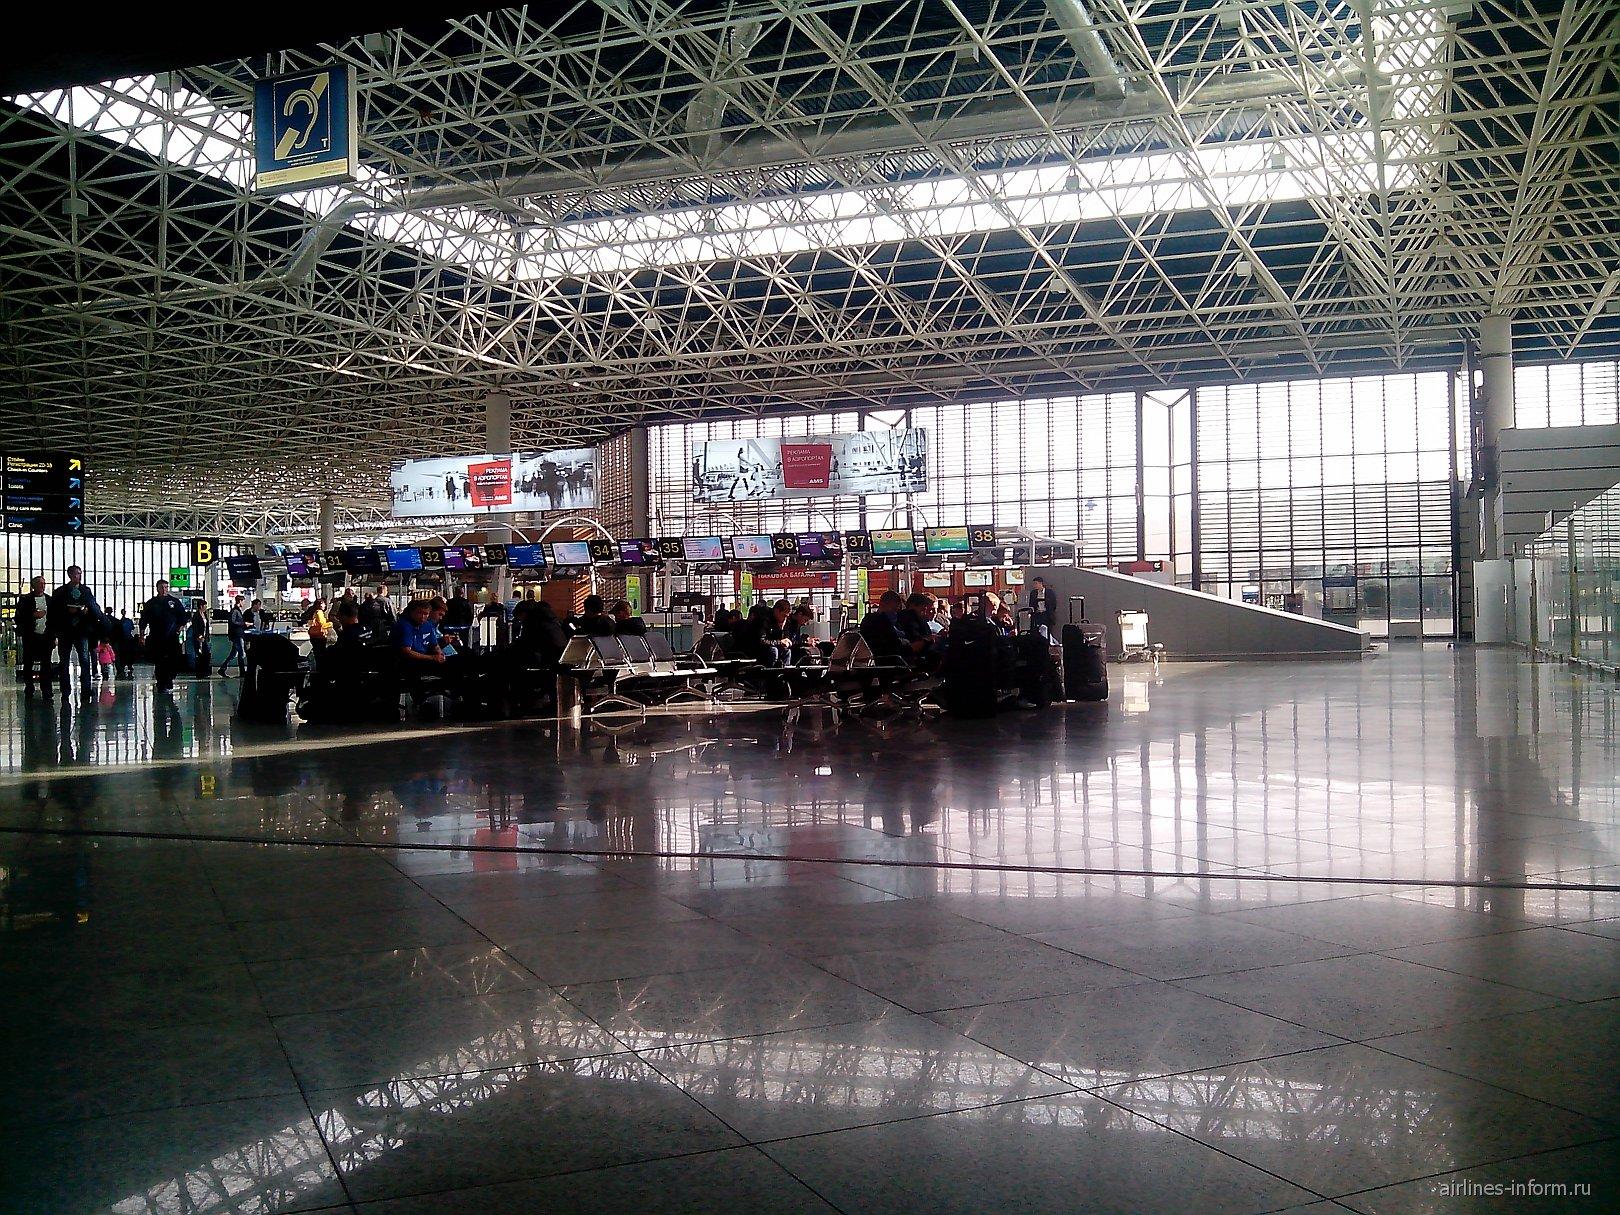 Зал регистрации на внутренние рейсы в аэропорту Сочи